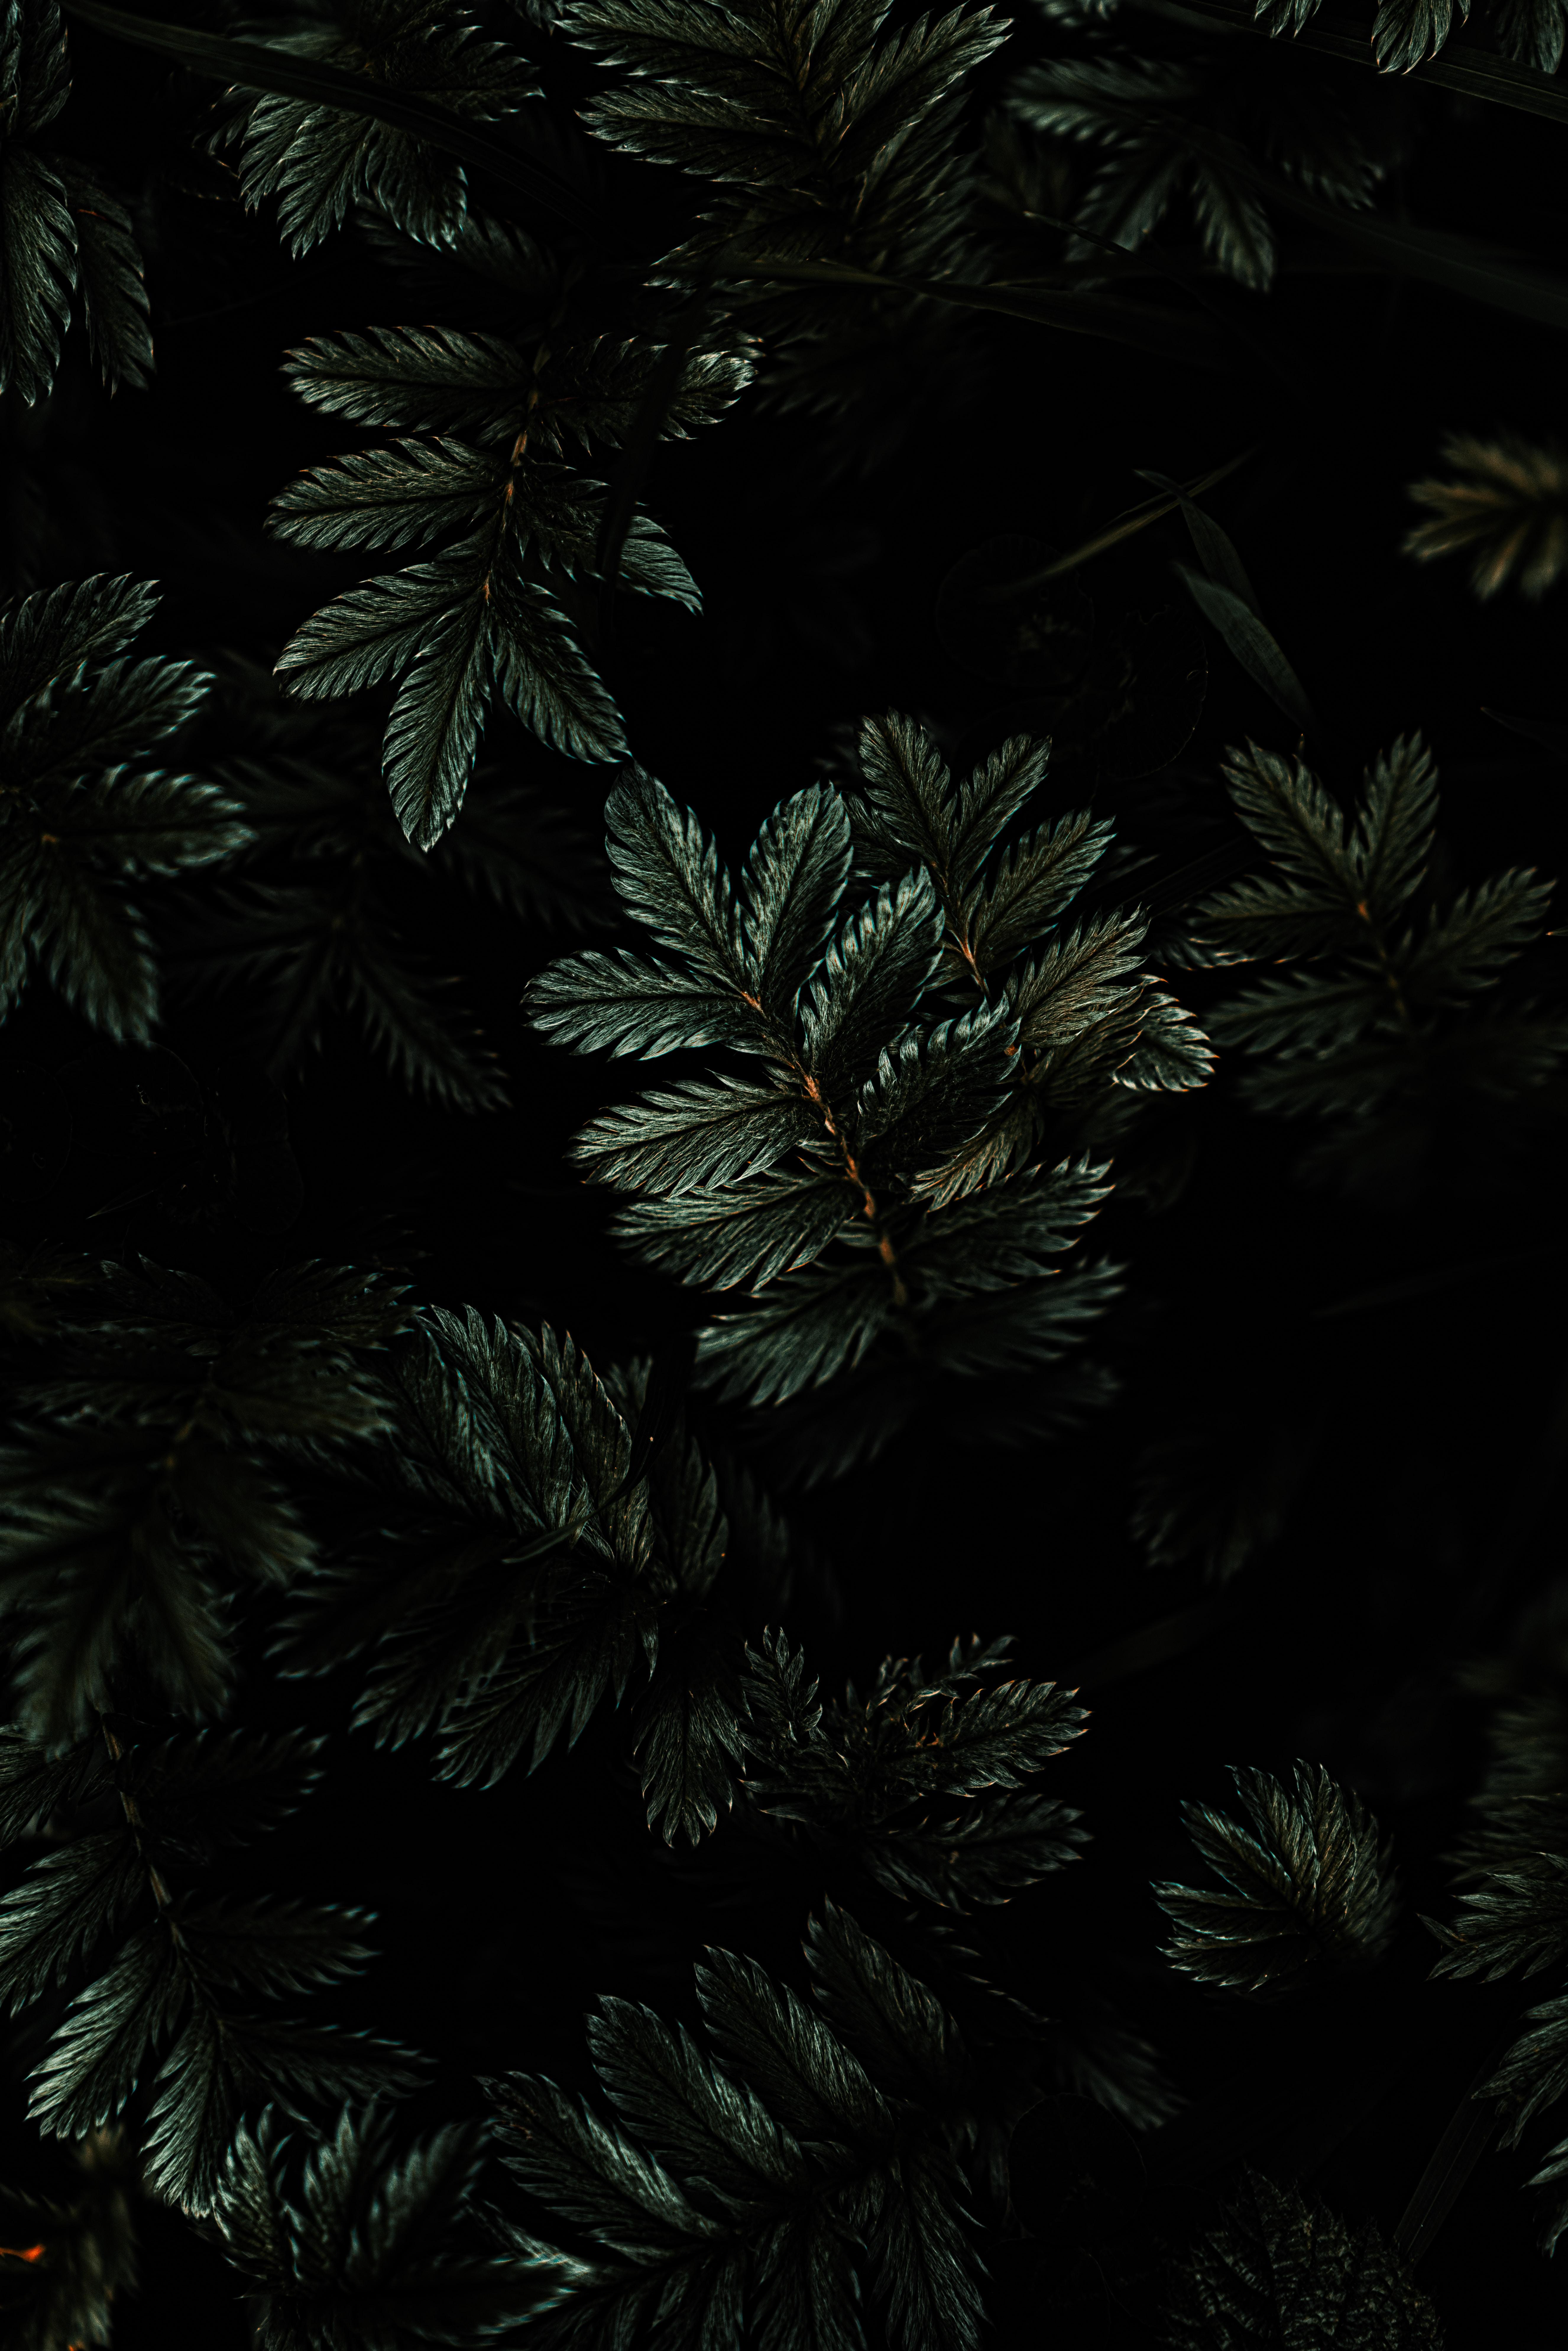 58146 Заставки и Обои Темные на телефон. Скачать Темные, Темный, Листья, Растение, Ветки, Зеленый картинки бесплатно